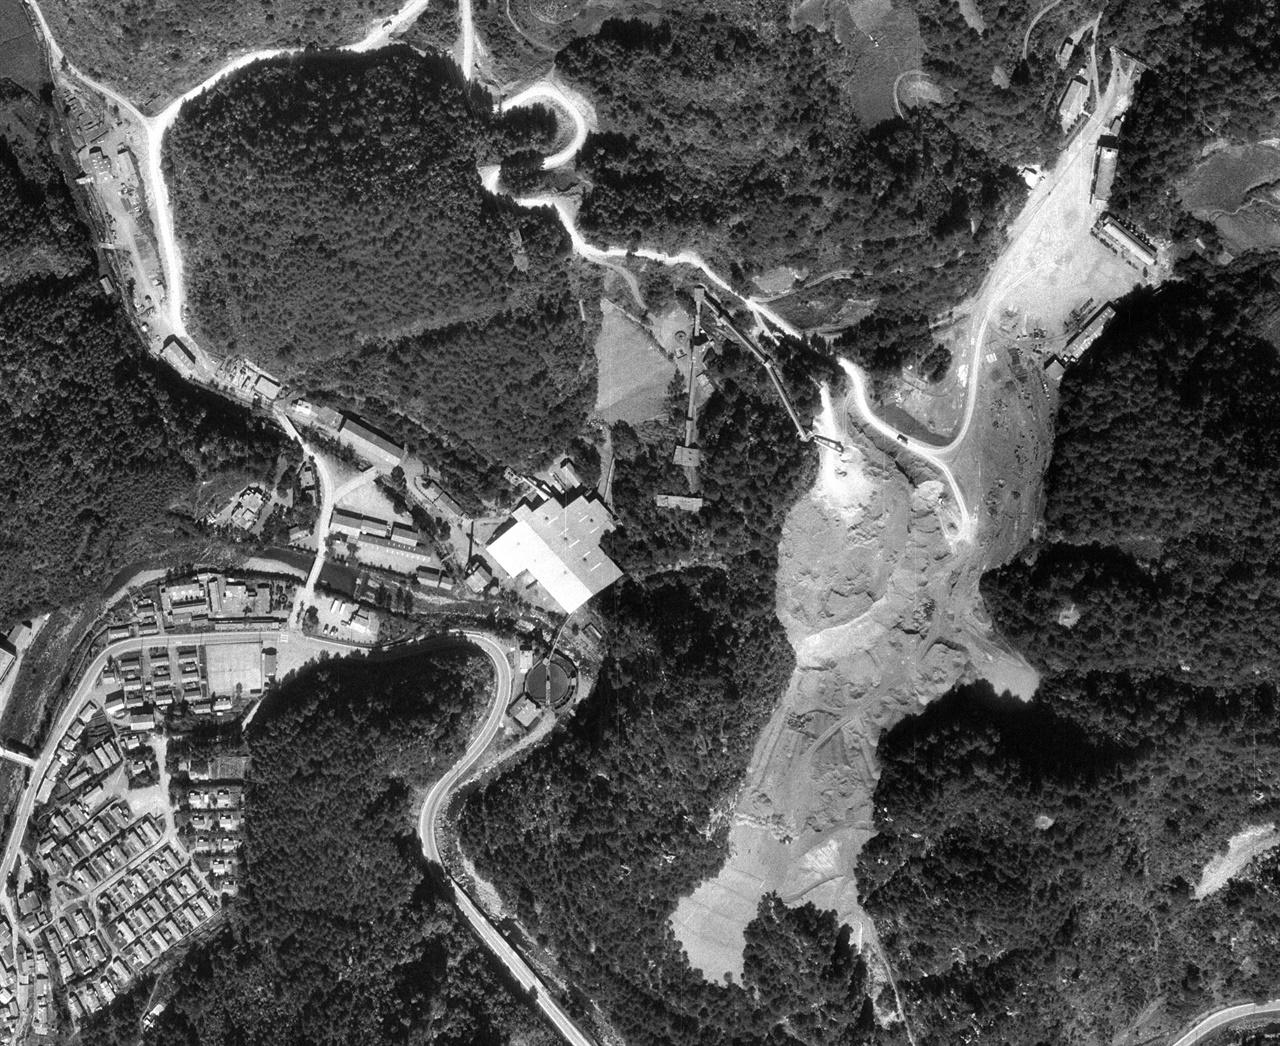 휴광 5년 전인 1988년 10월의 연화광산과 대현리 광미적치장. 광미가 가득 차면서 'V'자 모양이던 계곡이 평평해졌다.